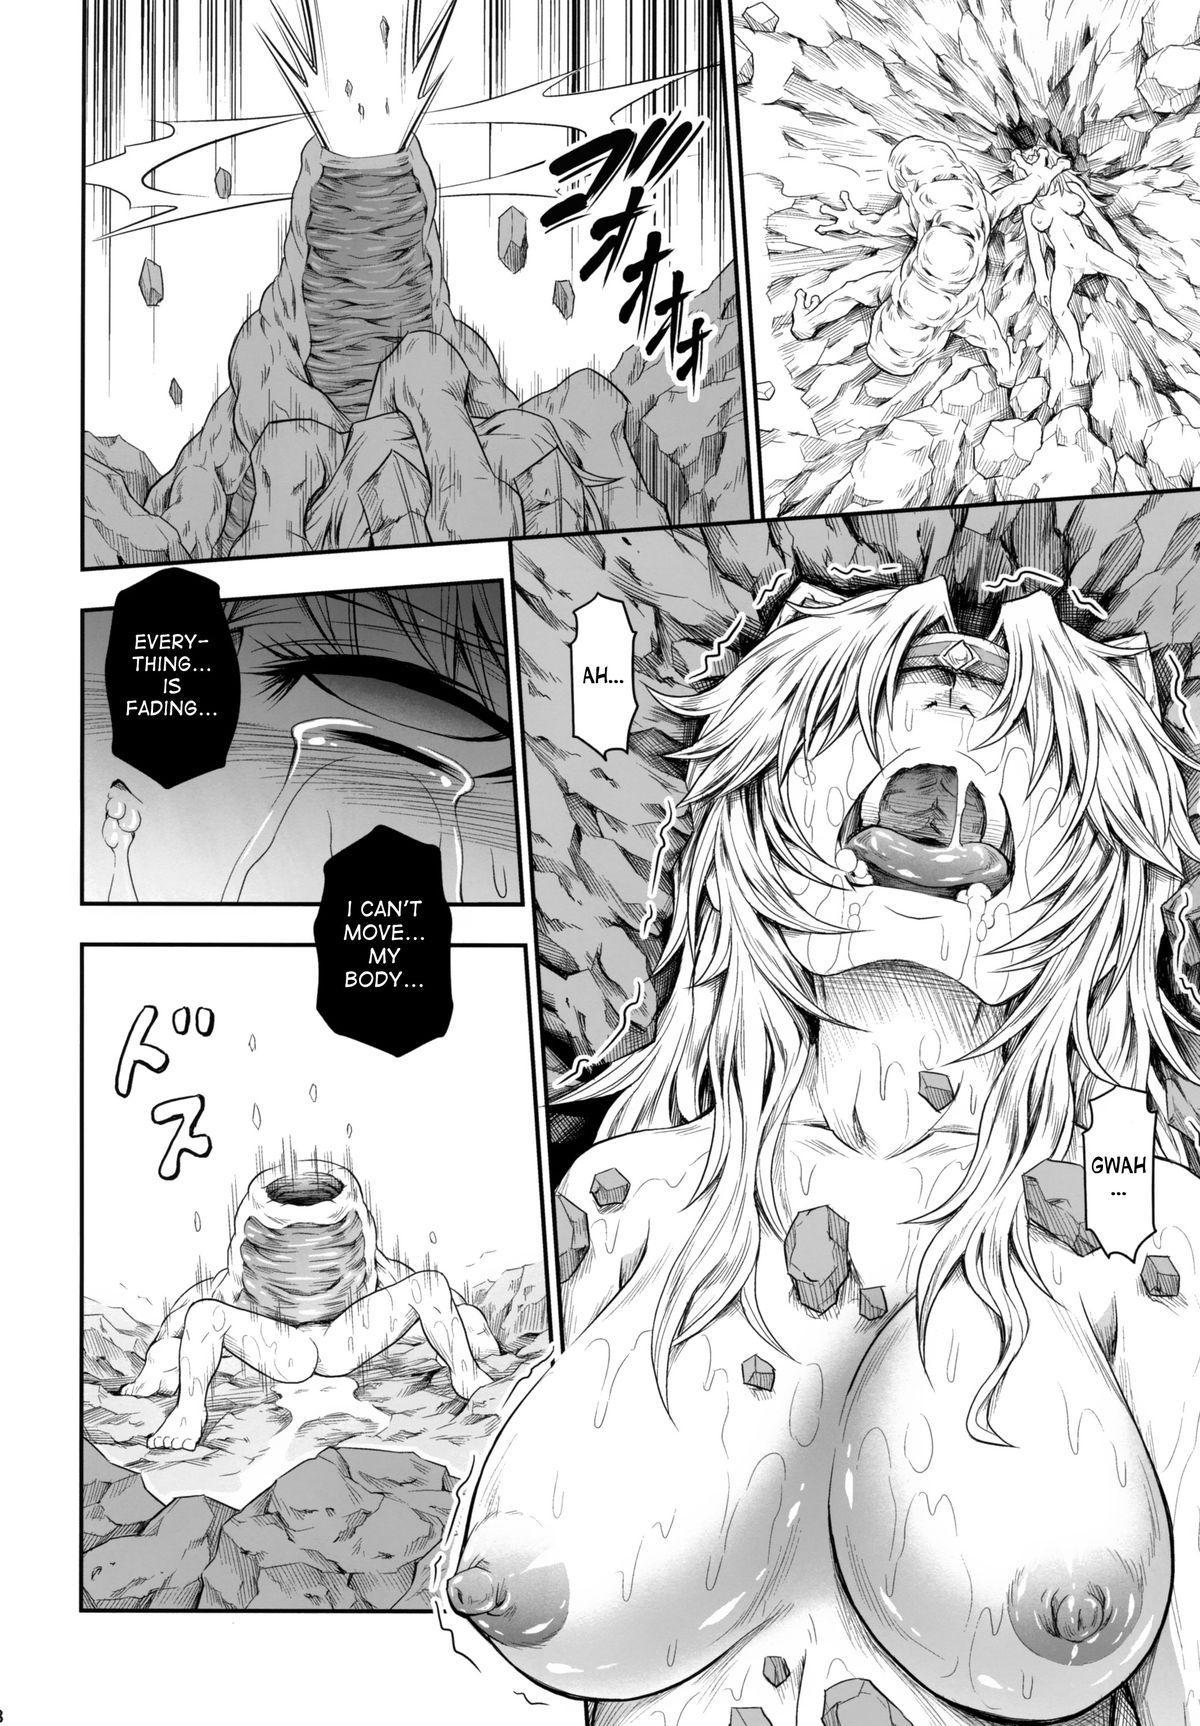 Solo Hunter no Seitai 4 The fourth part 20